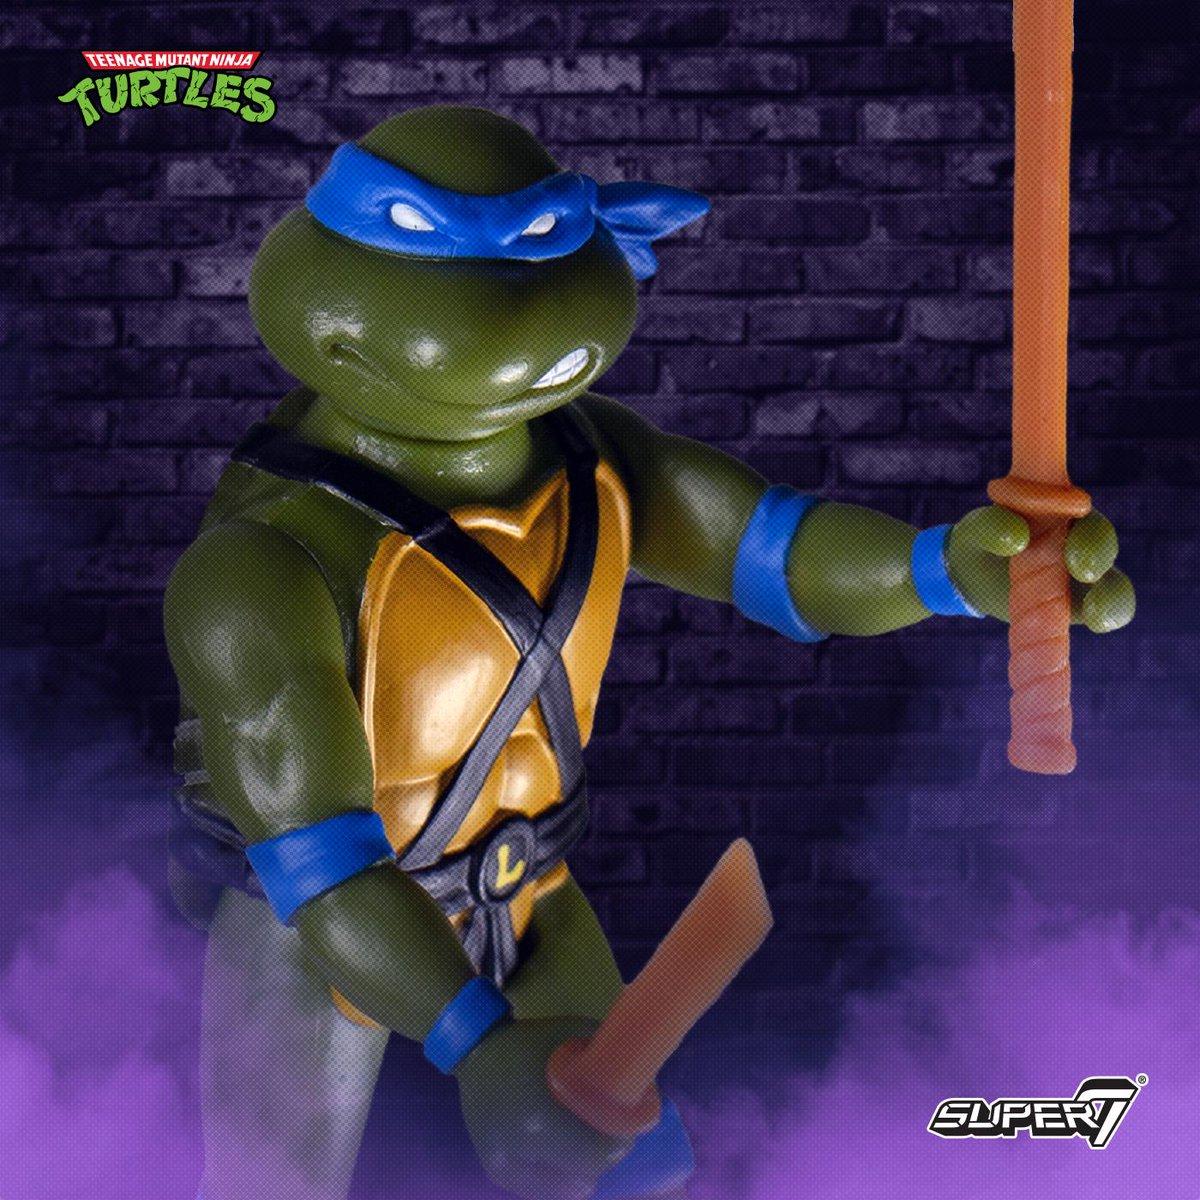 Super 7 Teenage Mutant Ninja Turtles Teenage Mutant Ninja Turtles réaction Bebop et Rocksteady Wave 1 Lot